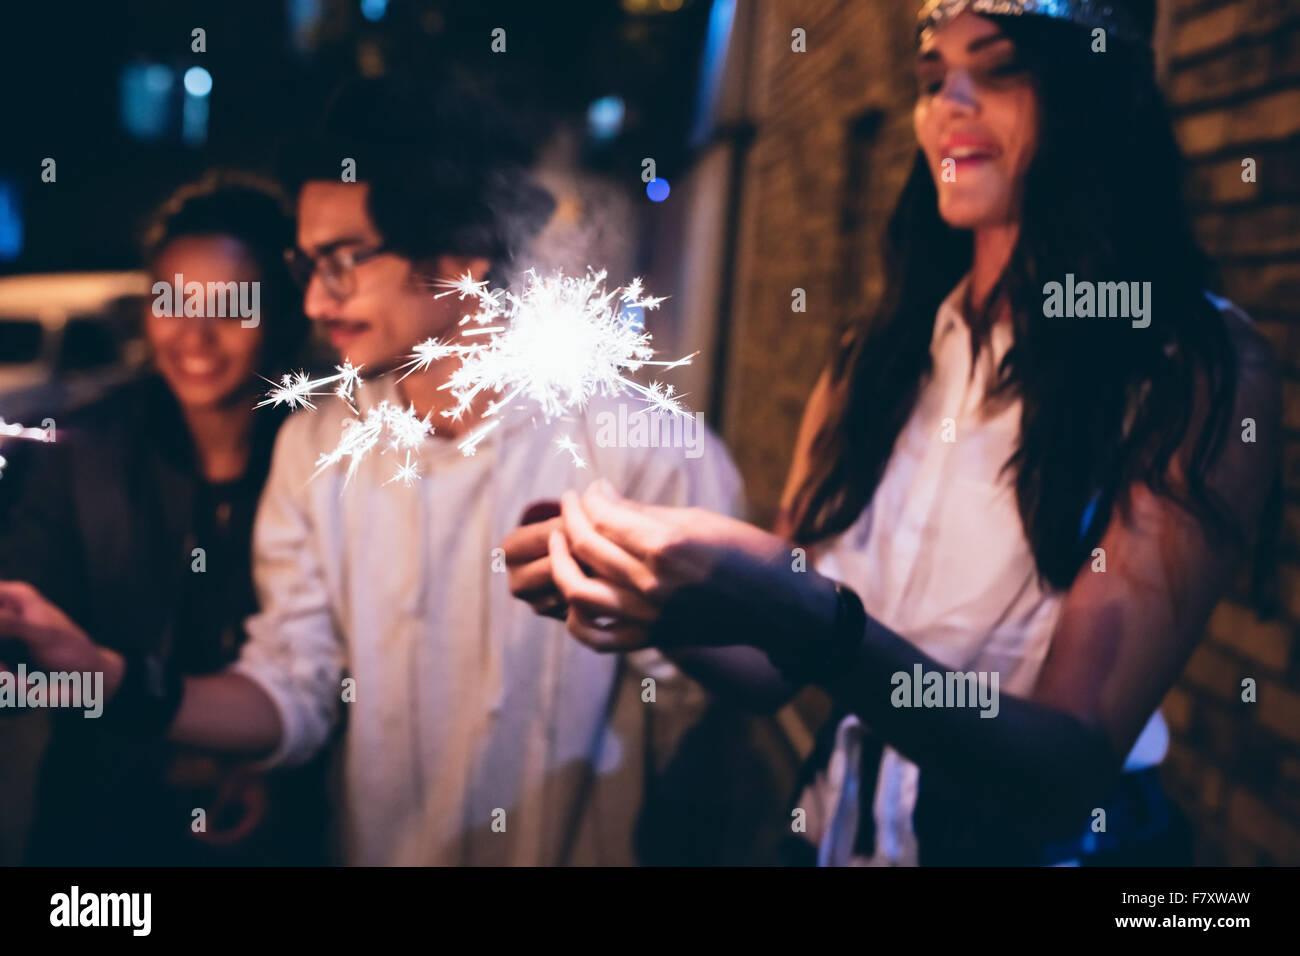 Junge Freunde, der in der Nacht feiert mit Wunderkerzen. Männer und Frauen hängen am Abend eine Party. Stockbild